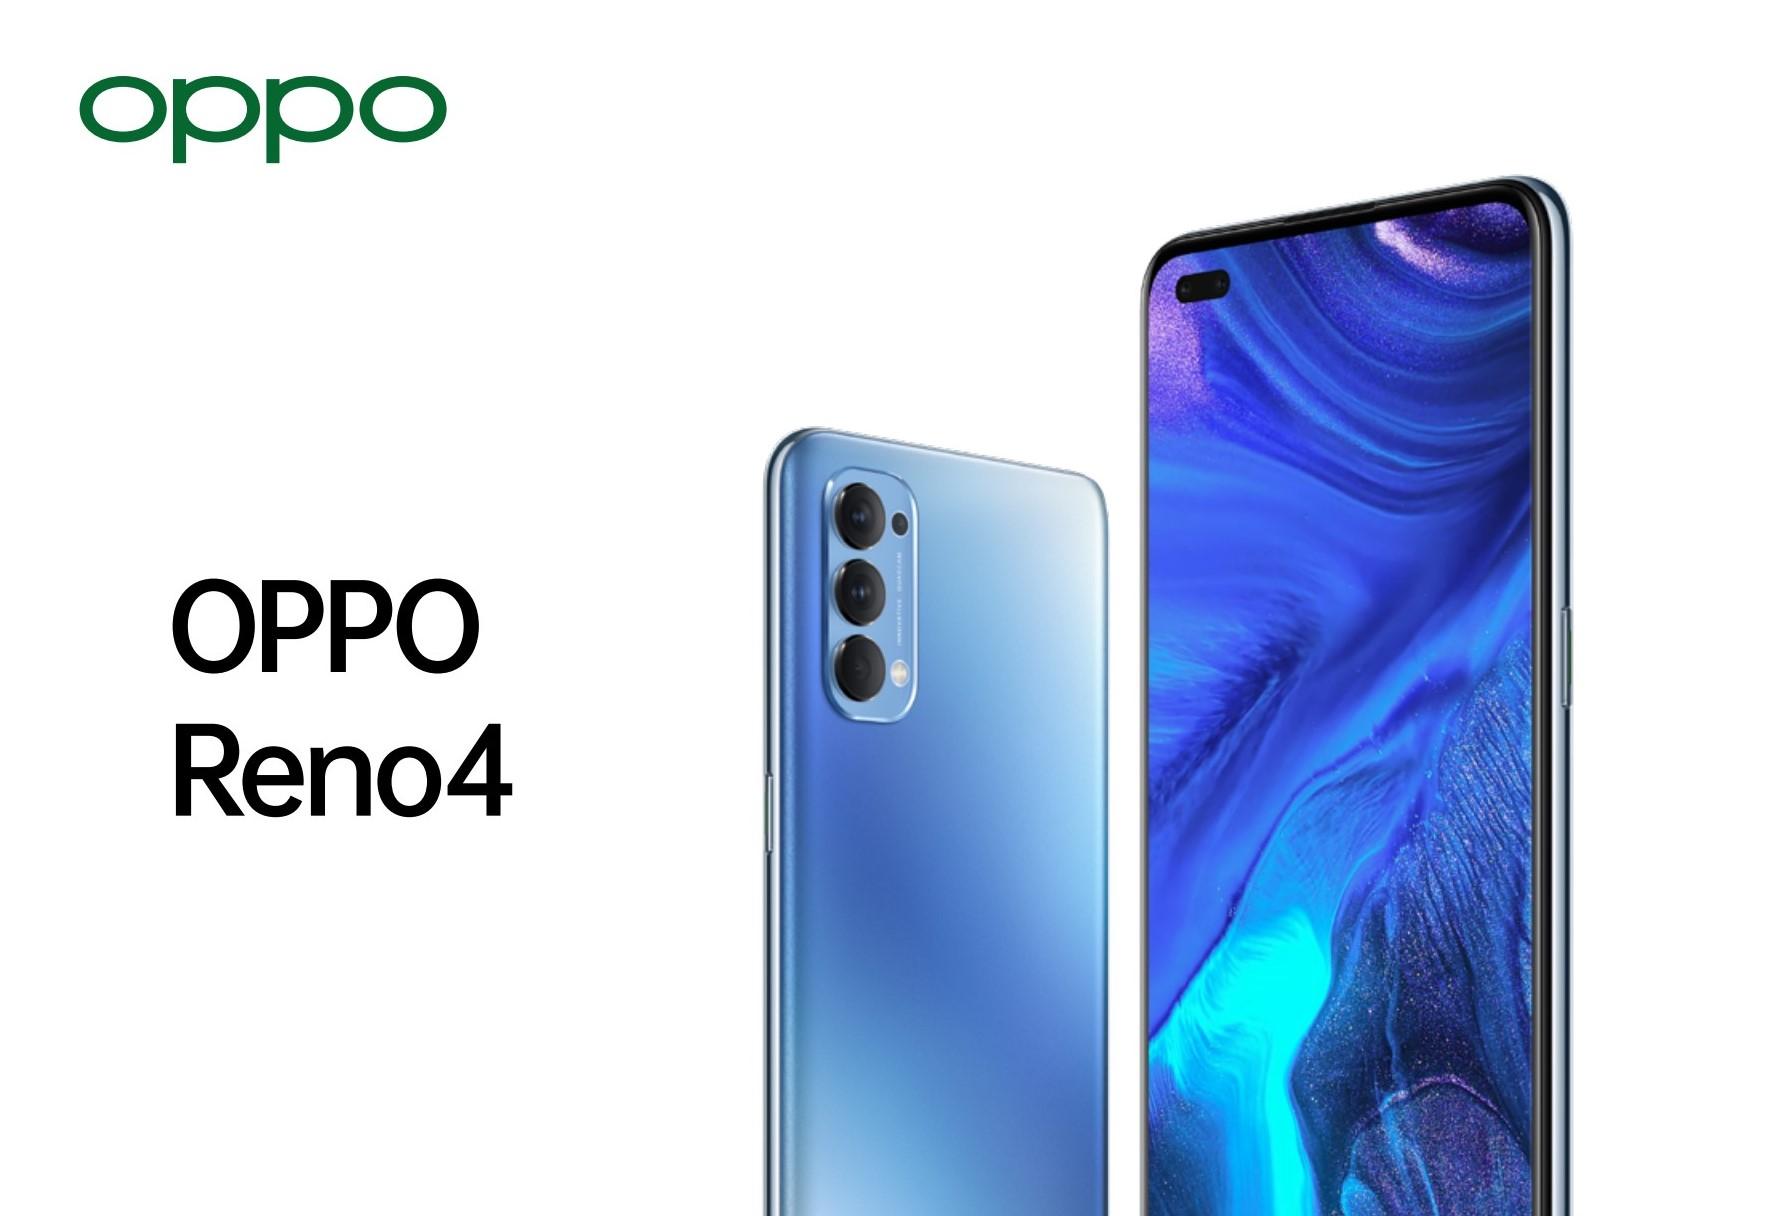 Polska premiera Oppo Reno 4. Gadżet kompletny, jak na smartfon w tej cenie 18 Oppo Reno 4